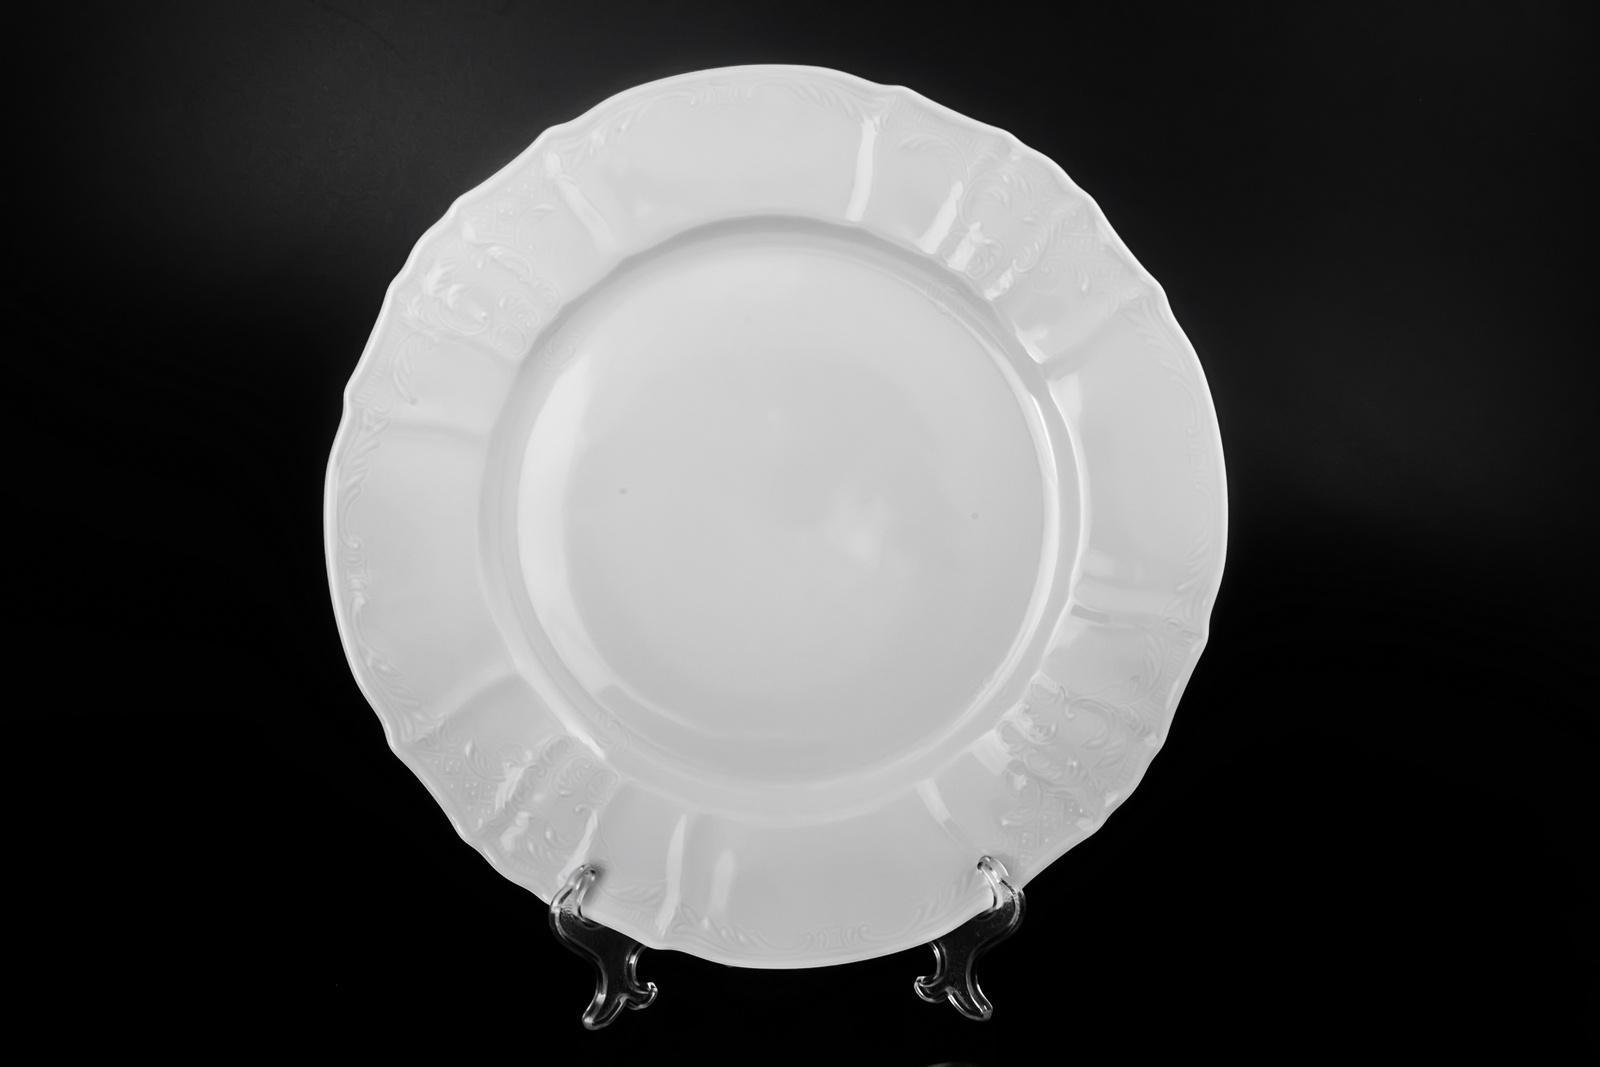 Блюдо круглое Бернадотт, 11143, 30 см